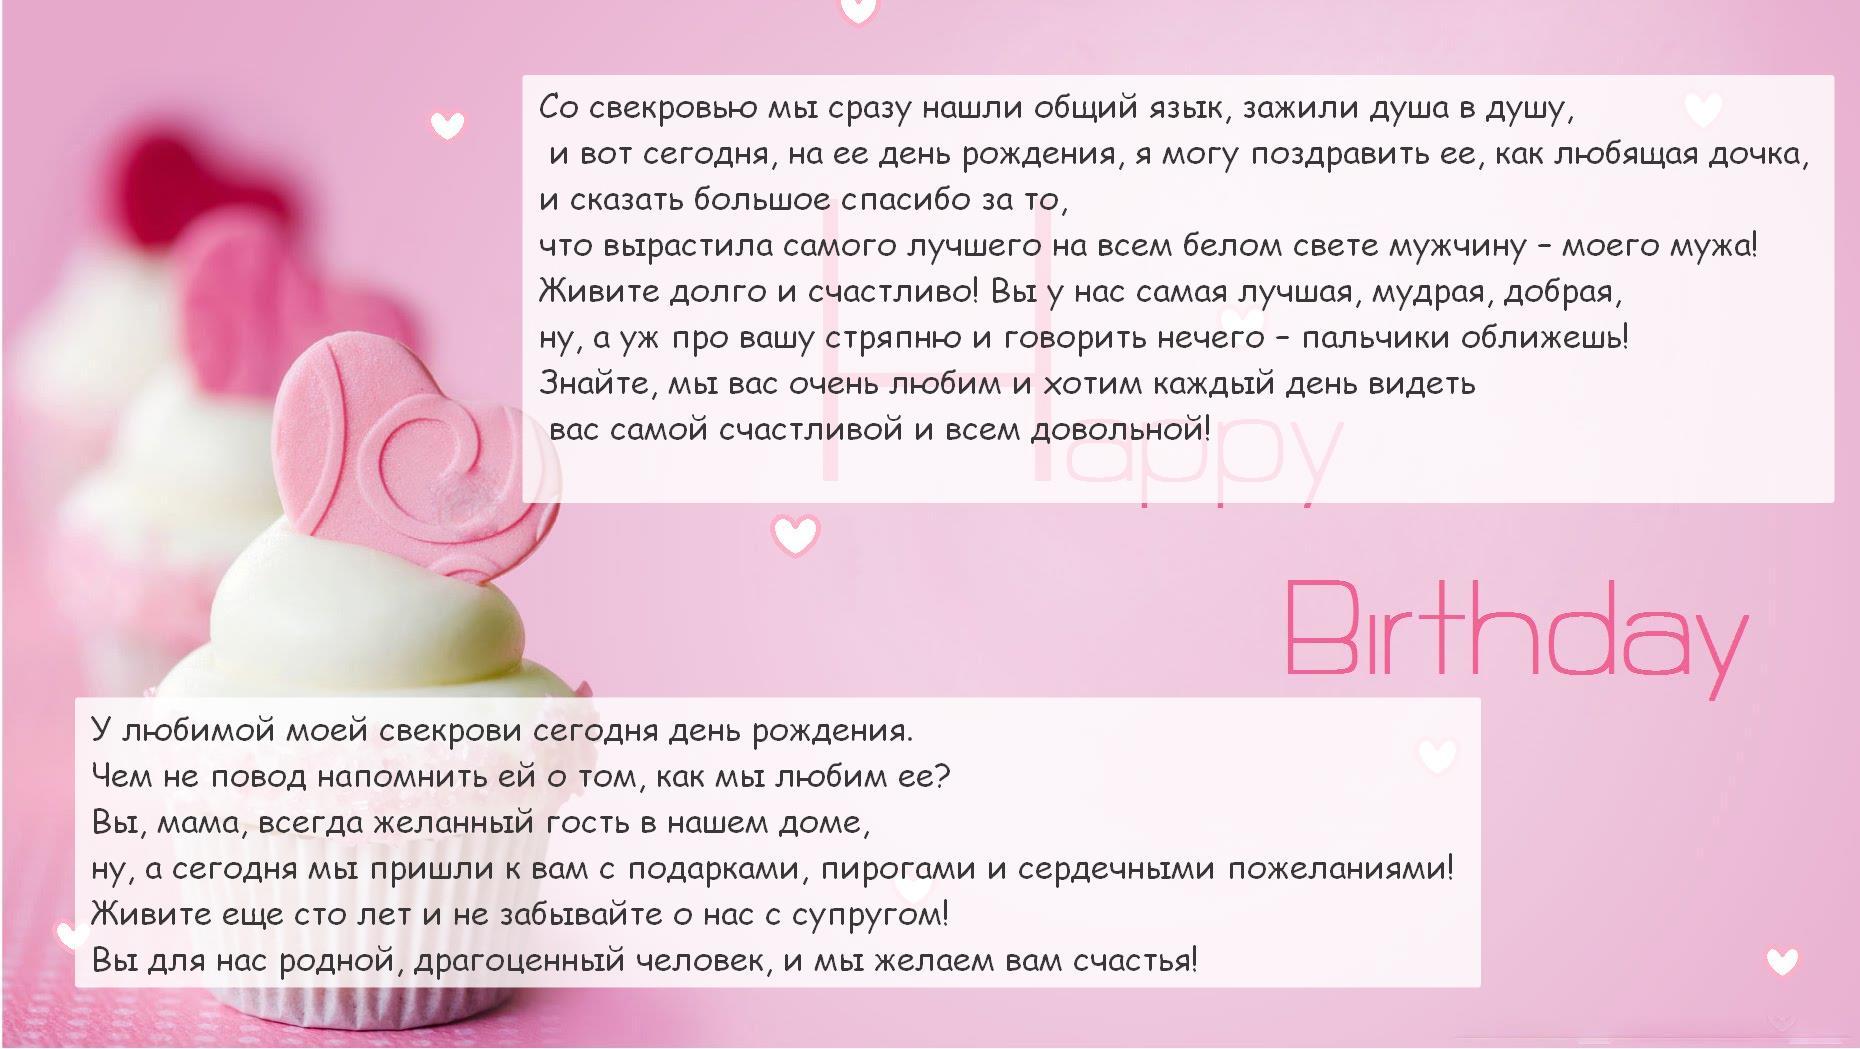 Поздравление с днем рождения свекровь прикольные 5